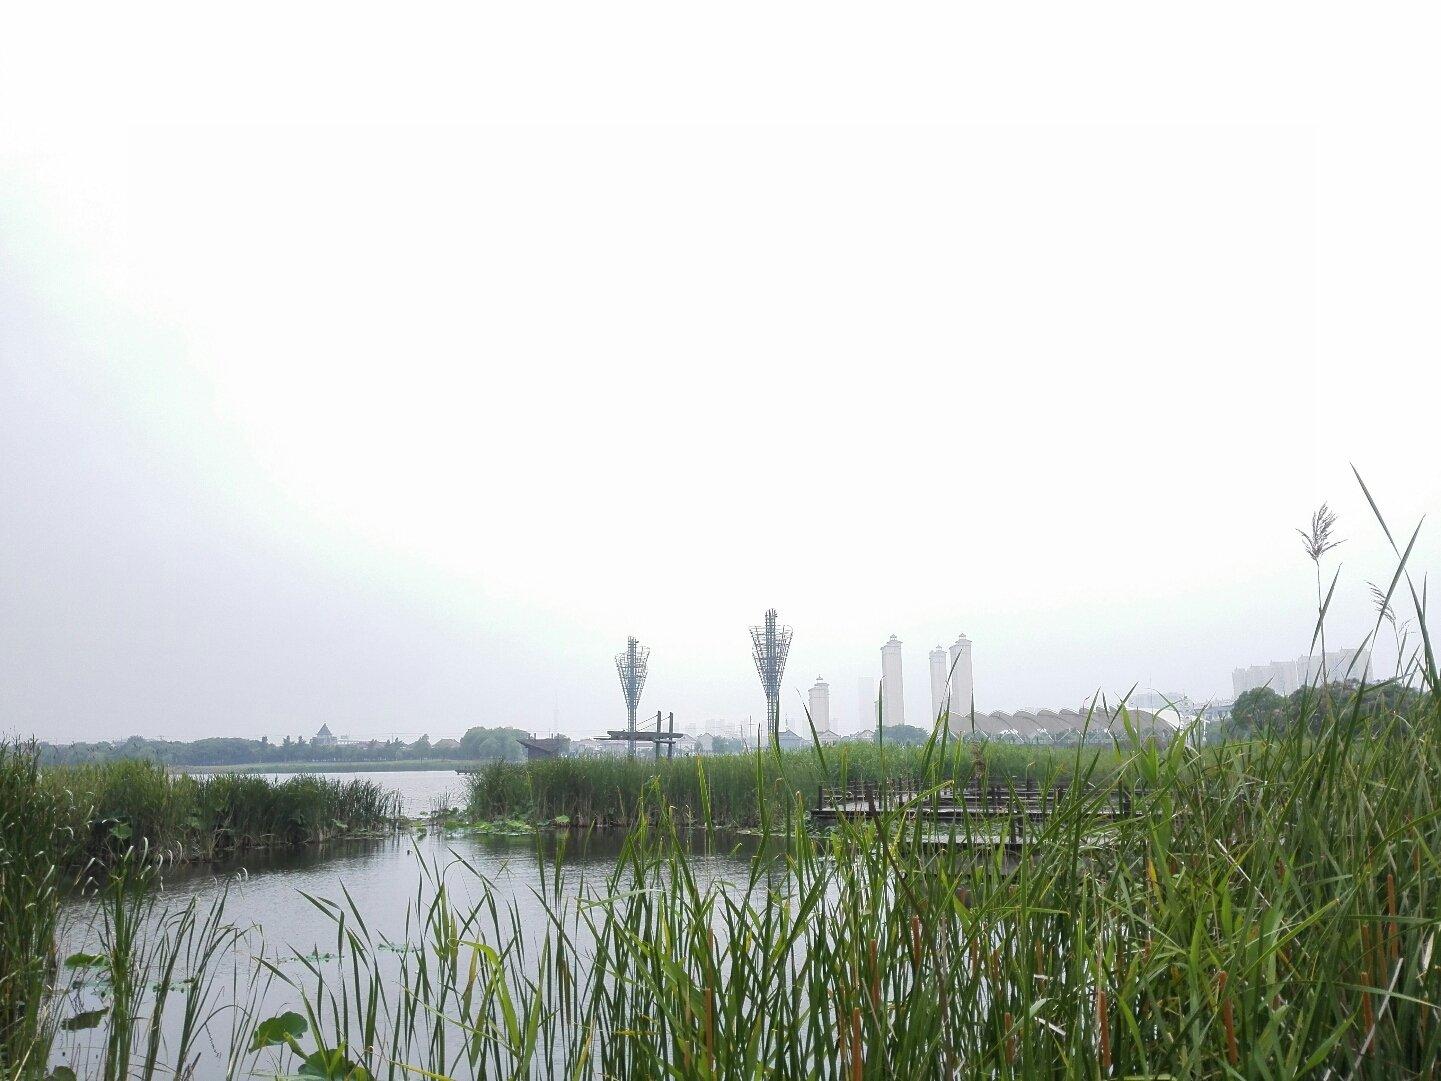 省南通市海安县城东镇海安灵源建设投资有限公司七星国际城天气预报